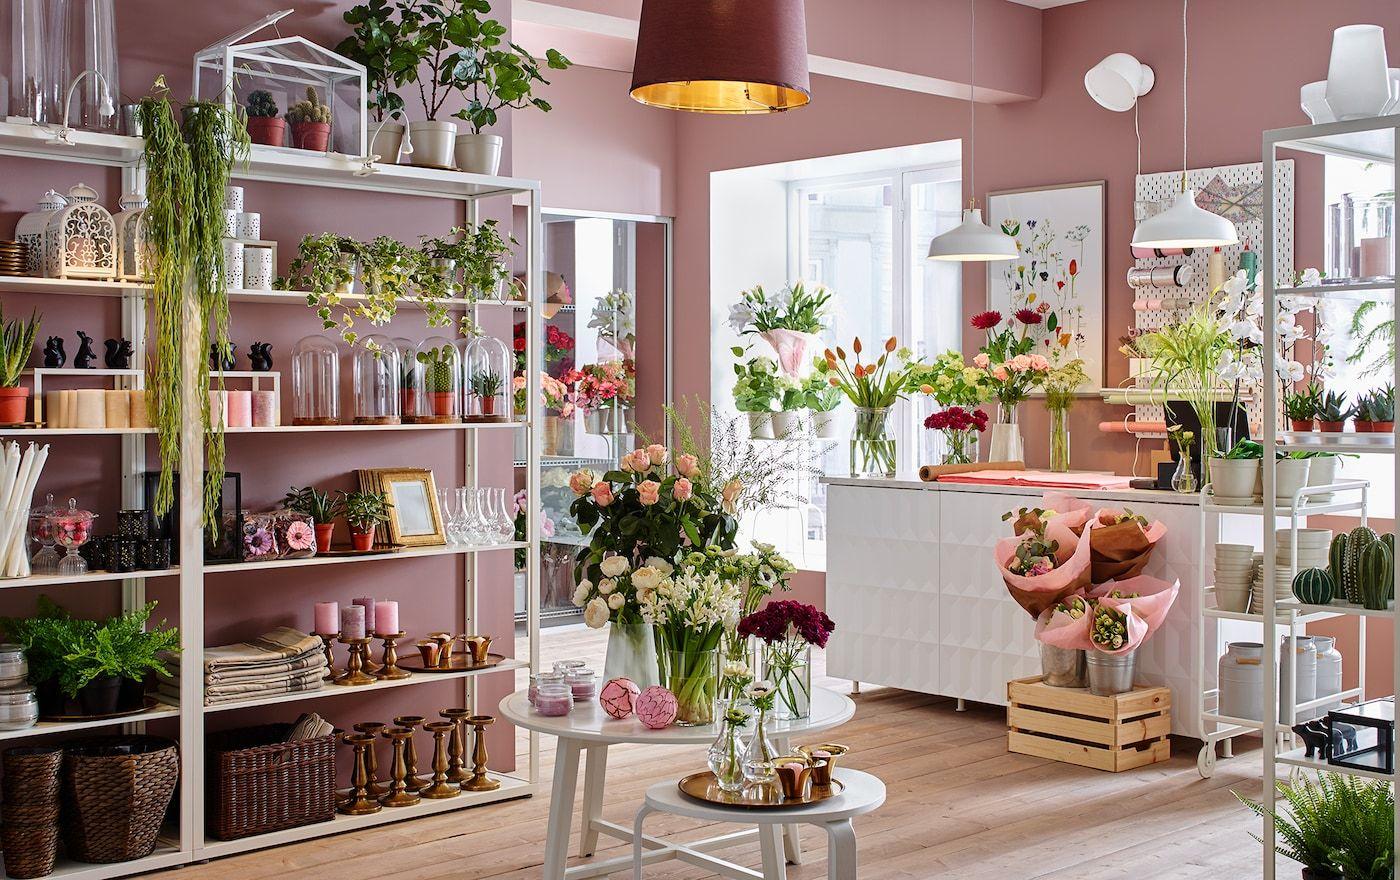 Blumenladen Einrichten Dekorieren Blumenladen Blumenladen Dekor Ladeninneneinrichtung